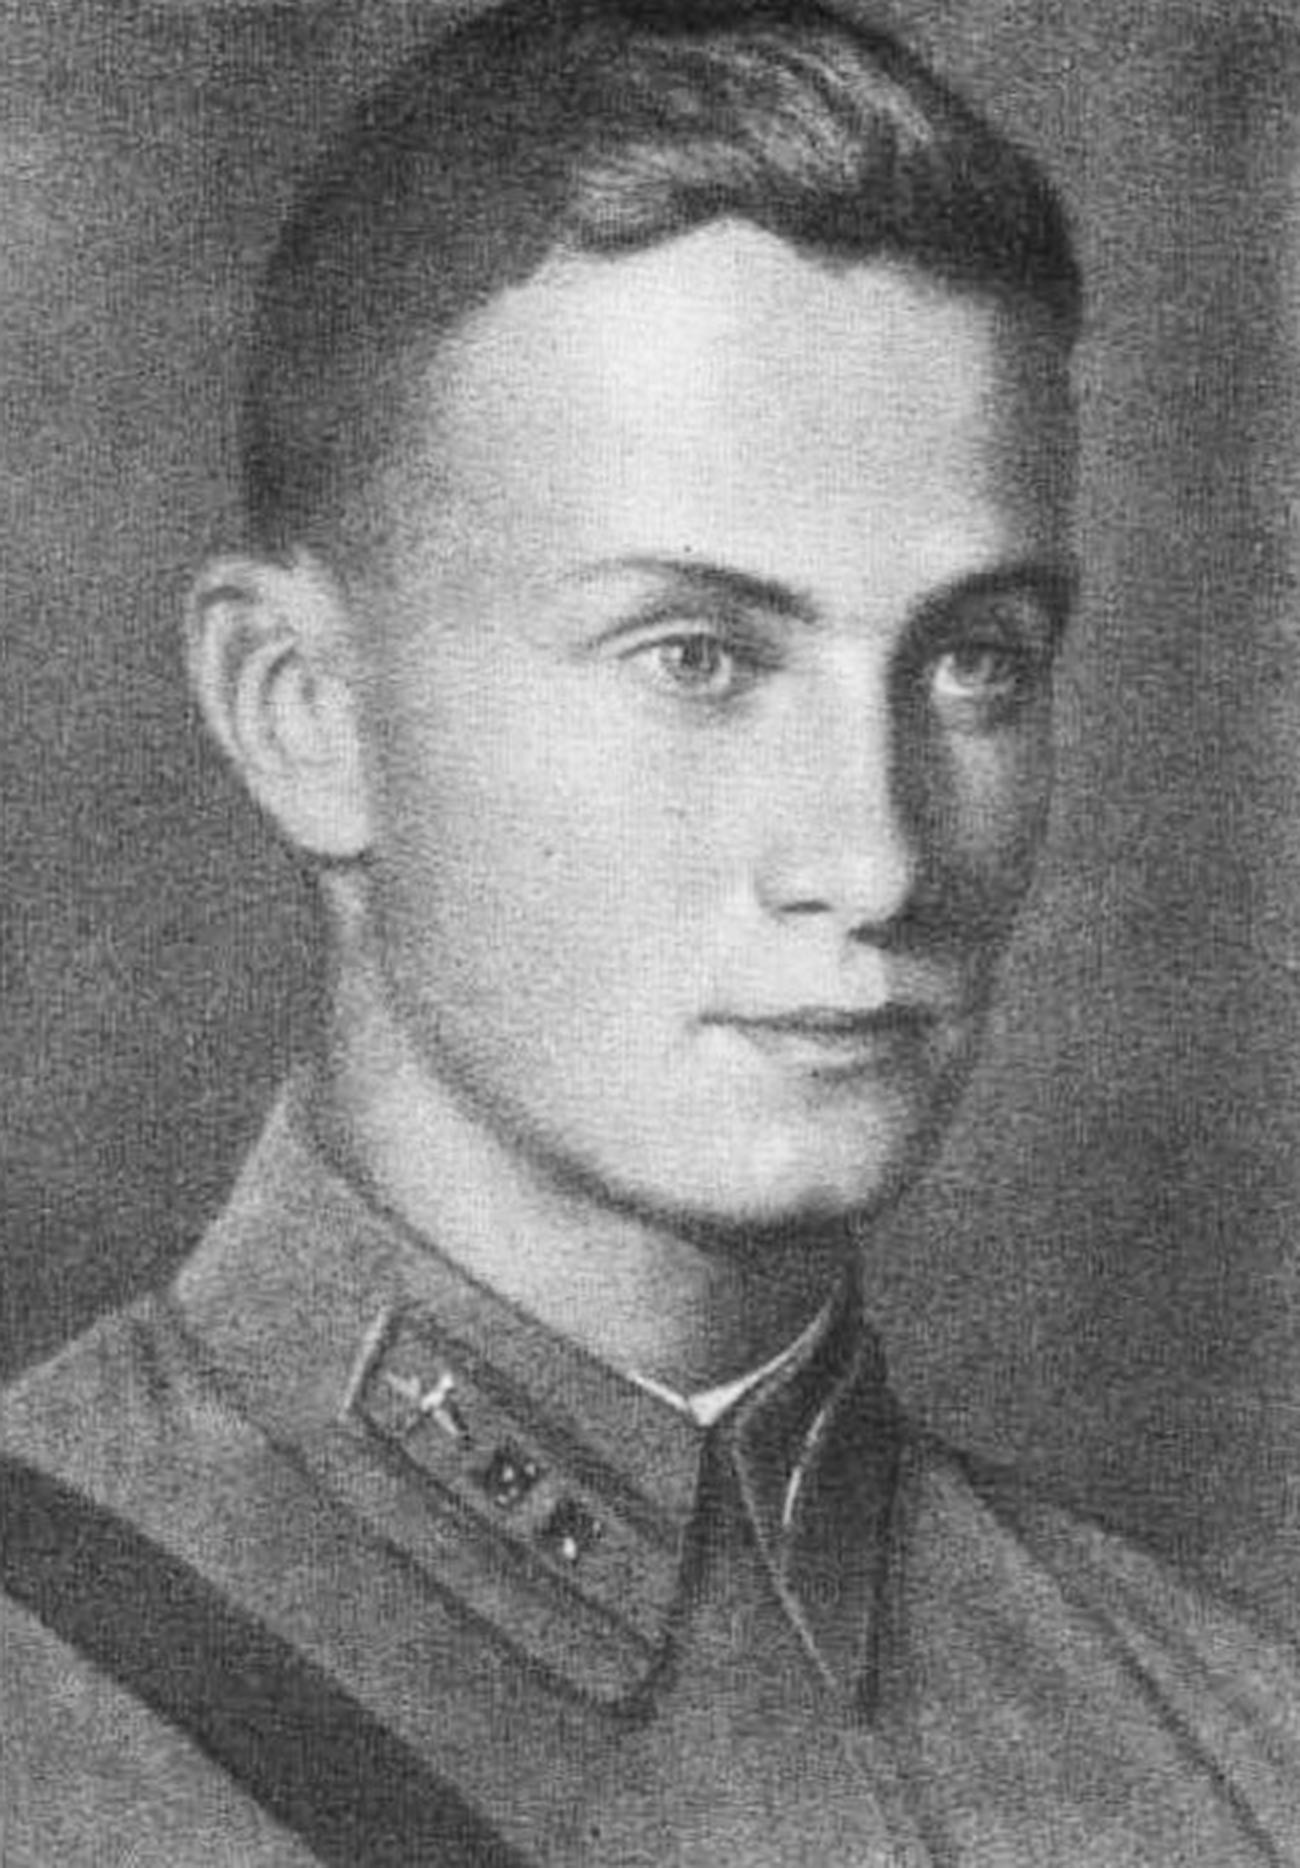 Тимур Фрунзе